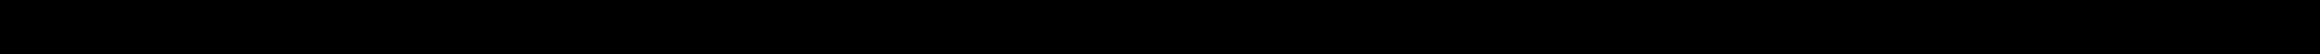 VDO 03L 130 277 B, 03L 130 277 S, 03L 130 277 B, 03L 130 277 S, 03L 130 277 B Indsprøjtningsdyse